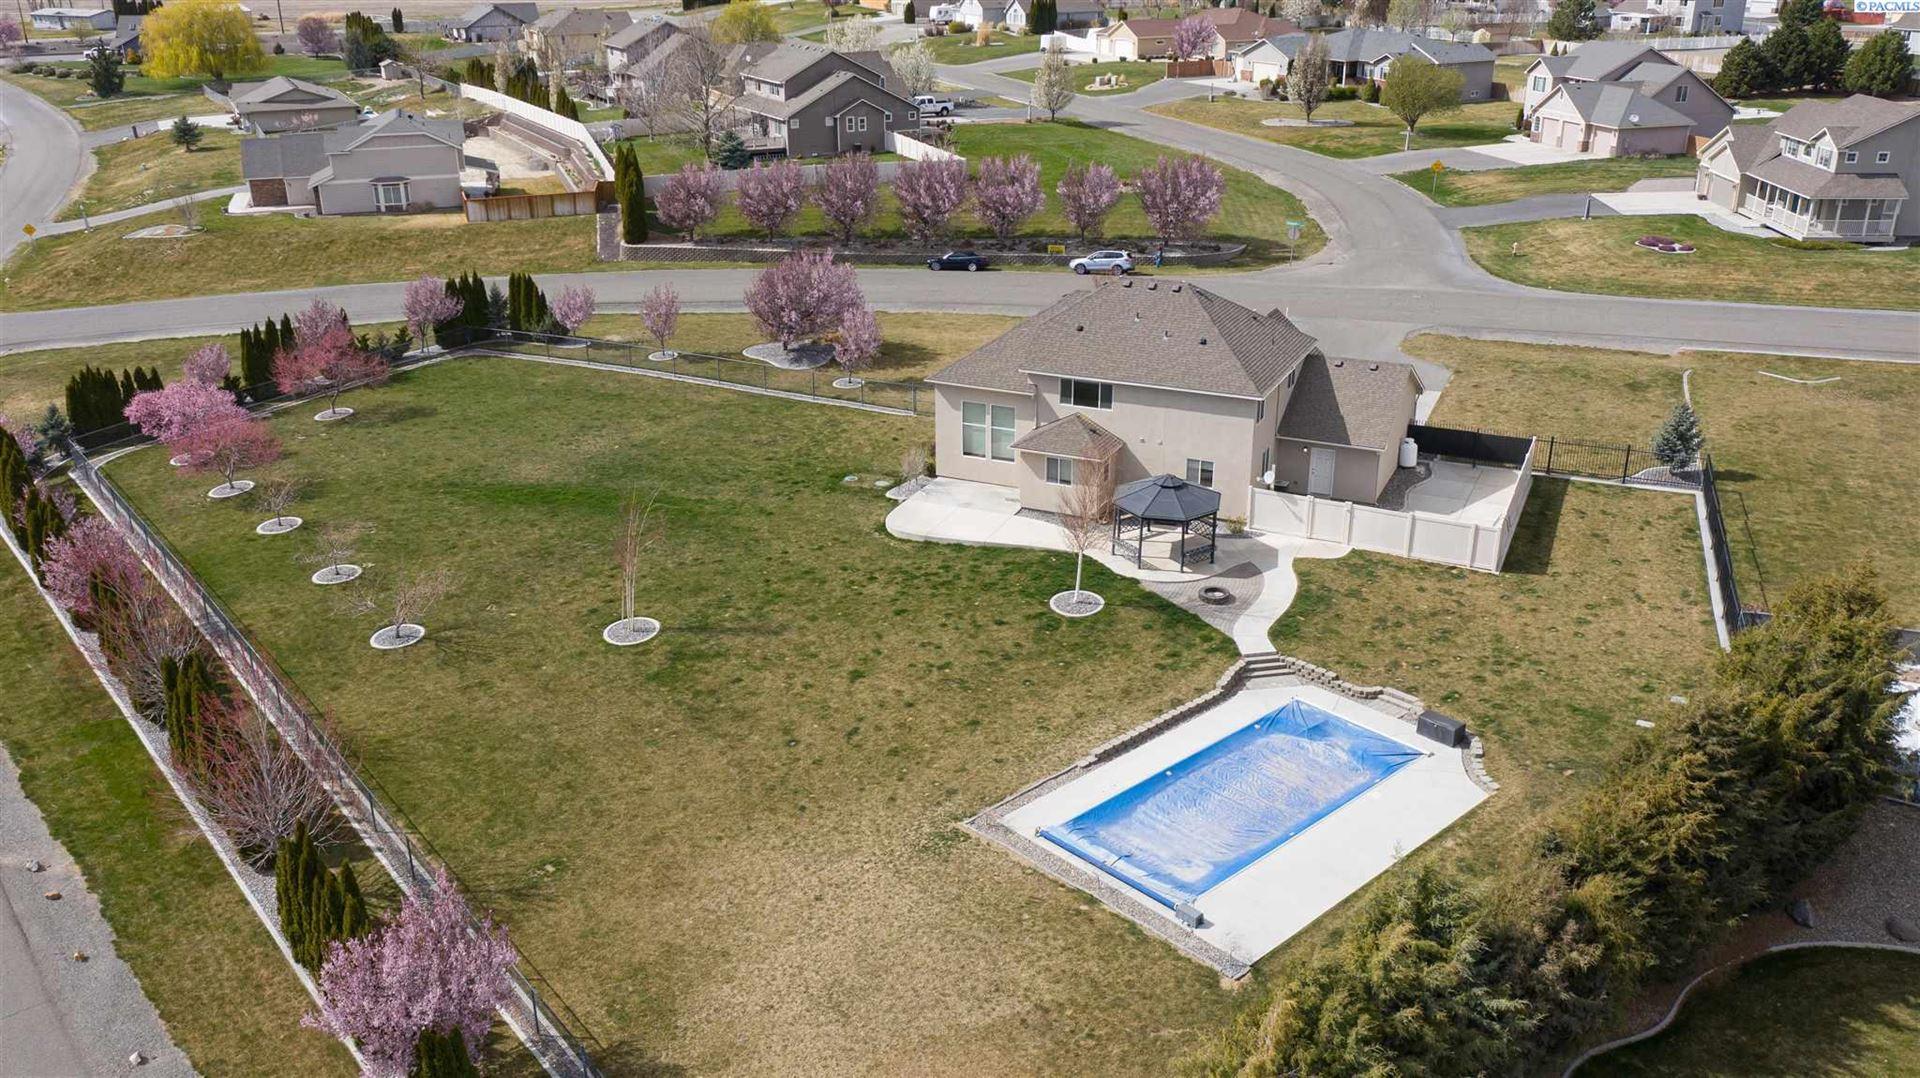 Photo of 22803 Cottonwood Springs Blvd., Kennewick, WA 99338 (MLS # 252752)